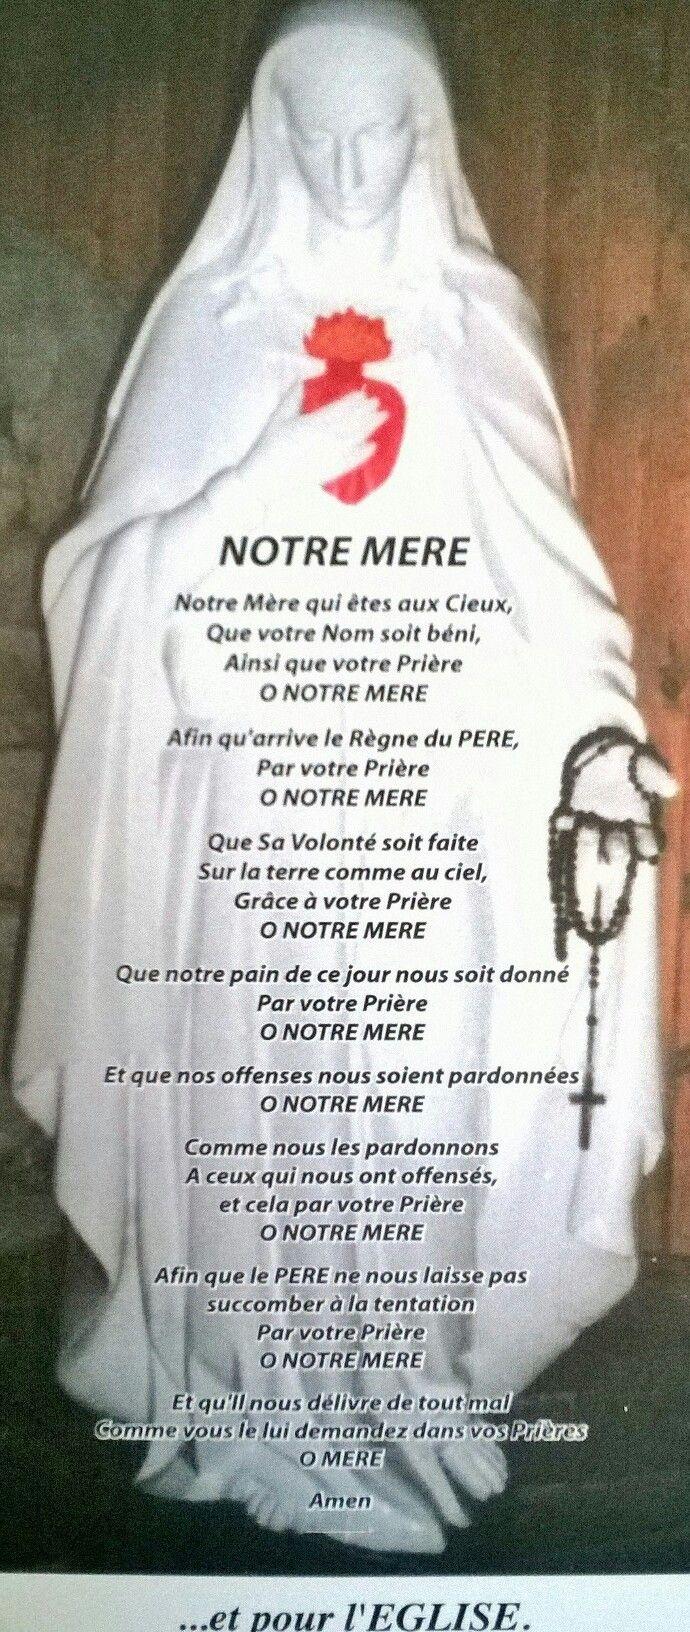 Prière pour l' Église. Prière reçue du ciel le 27 août 1995 en lien avec Lourdes dans la mouvence de Marie Médiatrice et Corédemptrice de la vocation de la France au service de l' Église.